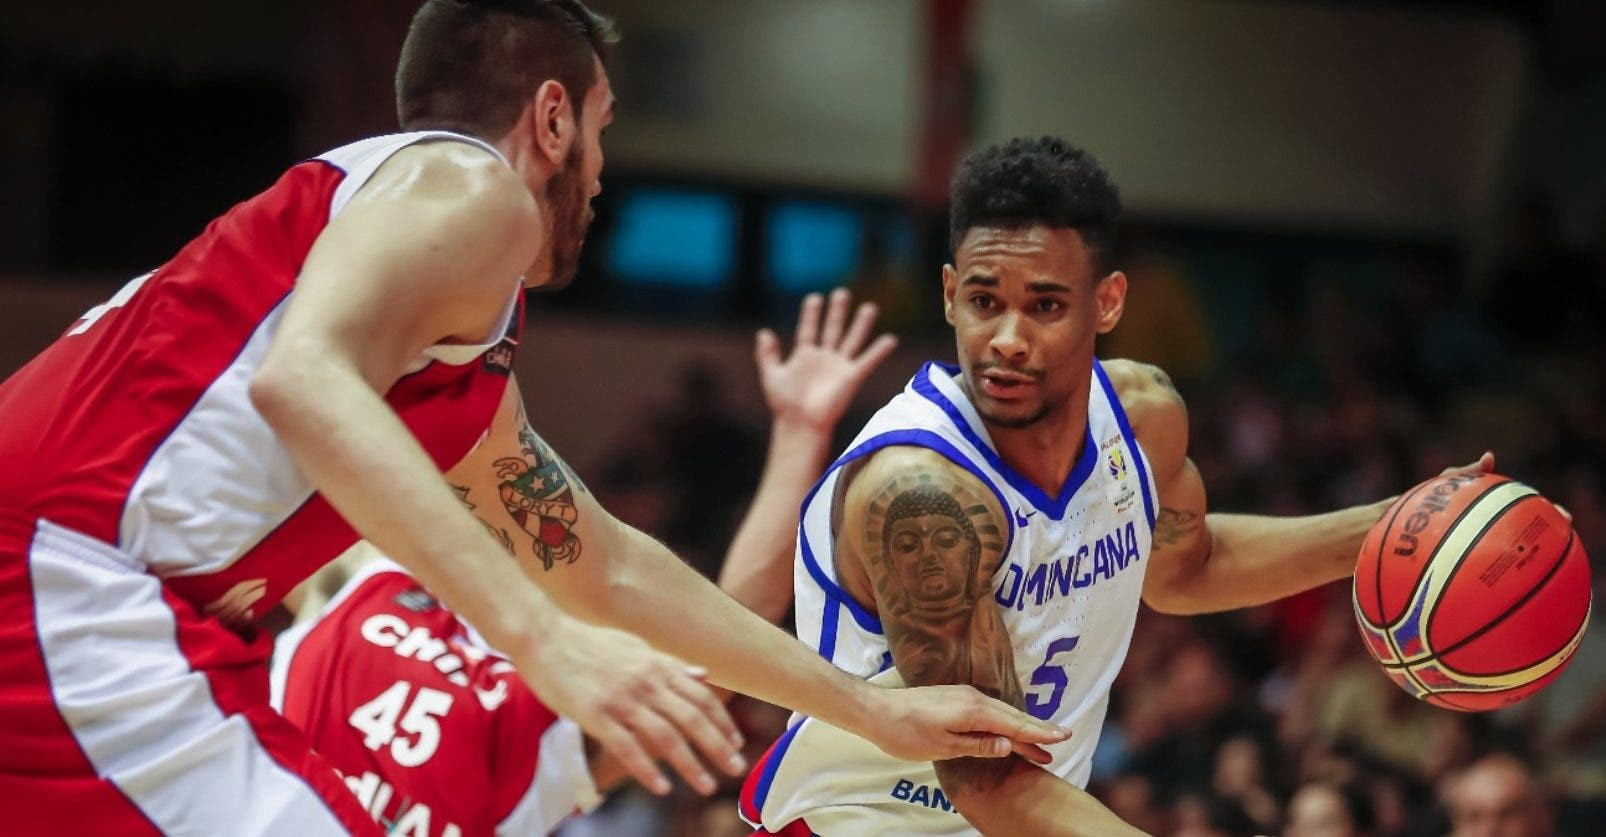 Baloncesto dominicano  tiene varias opciones para dirigirlo